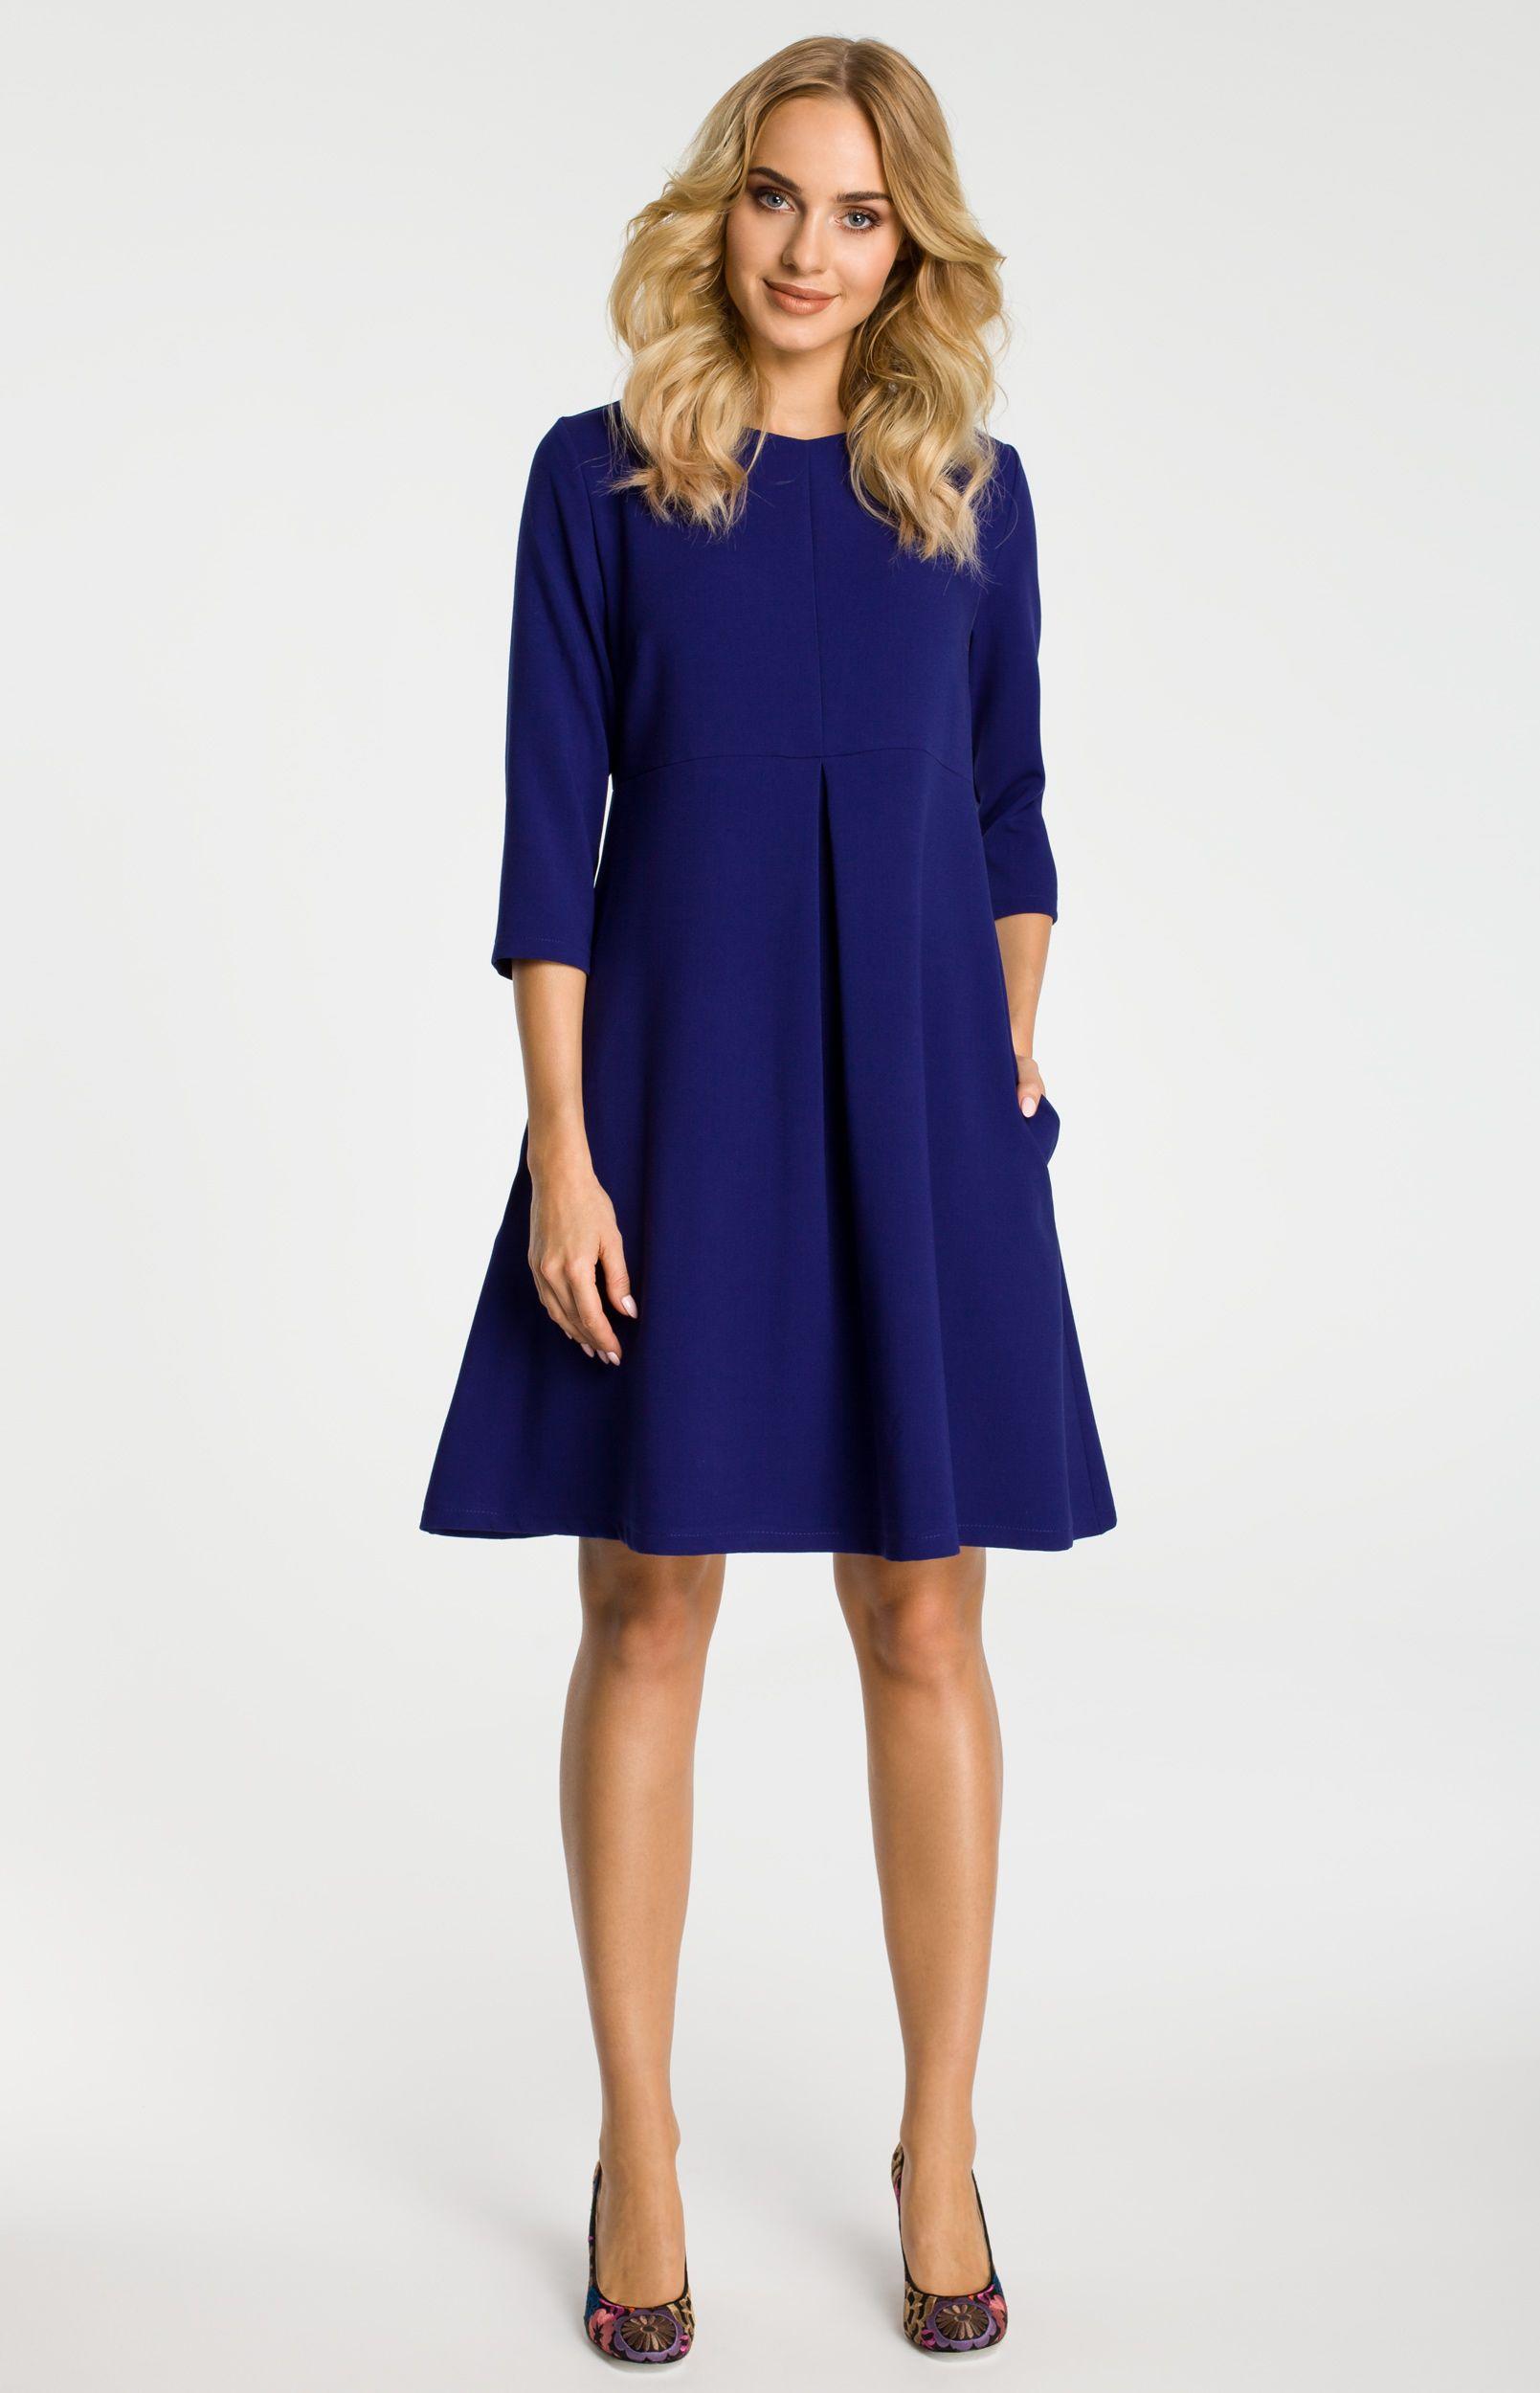 robe trap ze bleue manches 3 4 me338b idresstocode boutique de d shabill s et nuisettes. Black Bedroom Furniture Sets. Home Design Ideas